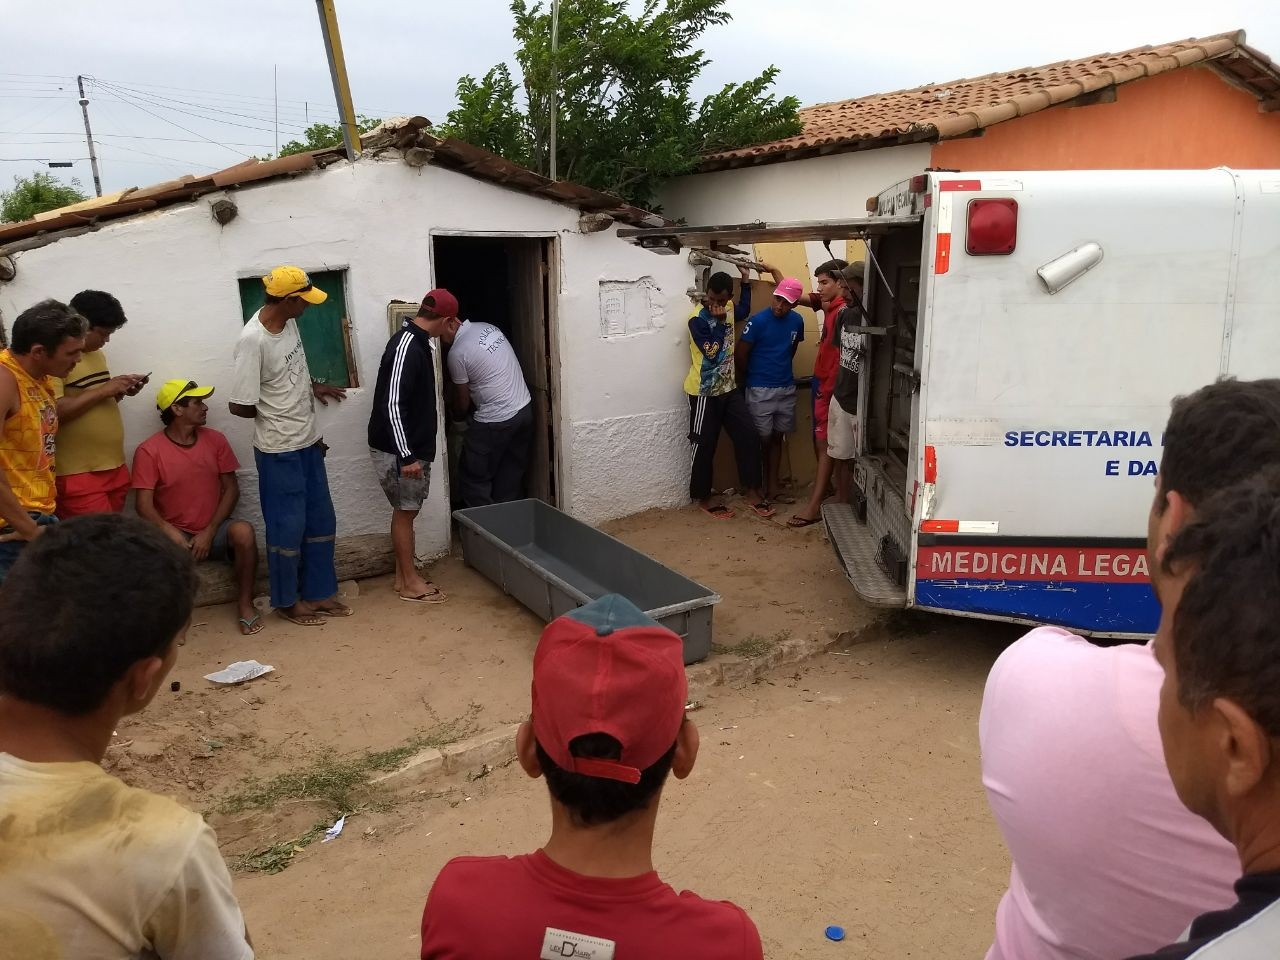 Três pessoas são executadas durante a madrugada em Jandaíra, RN